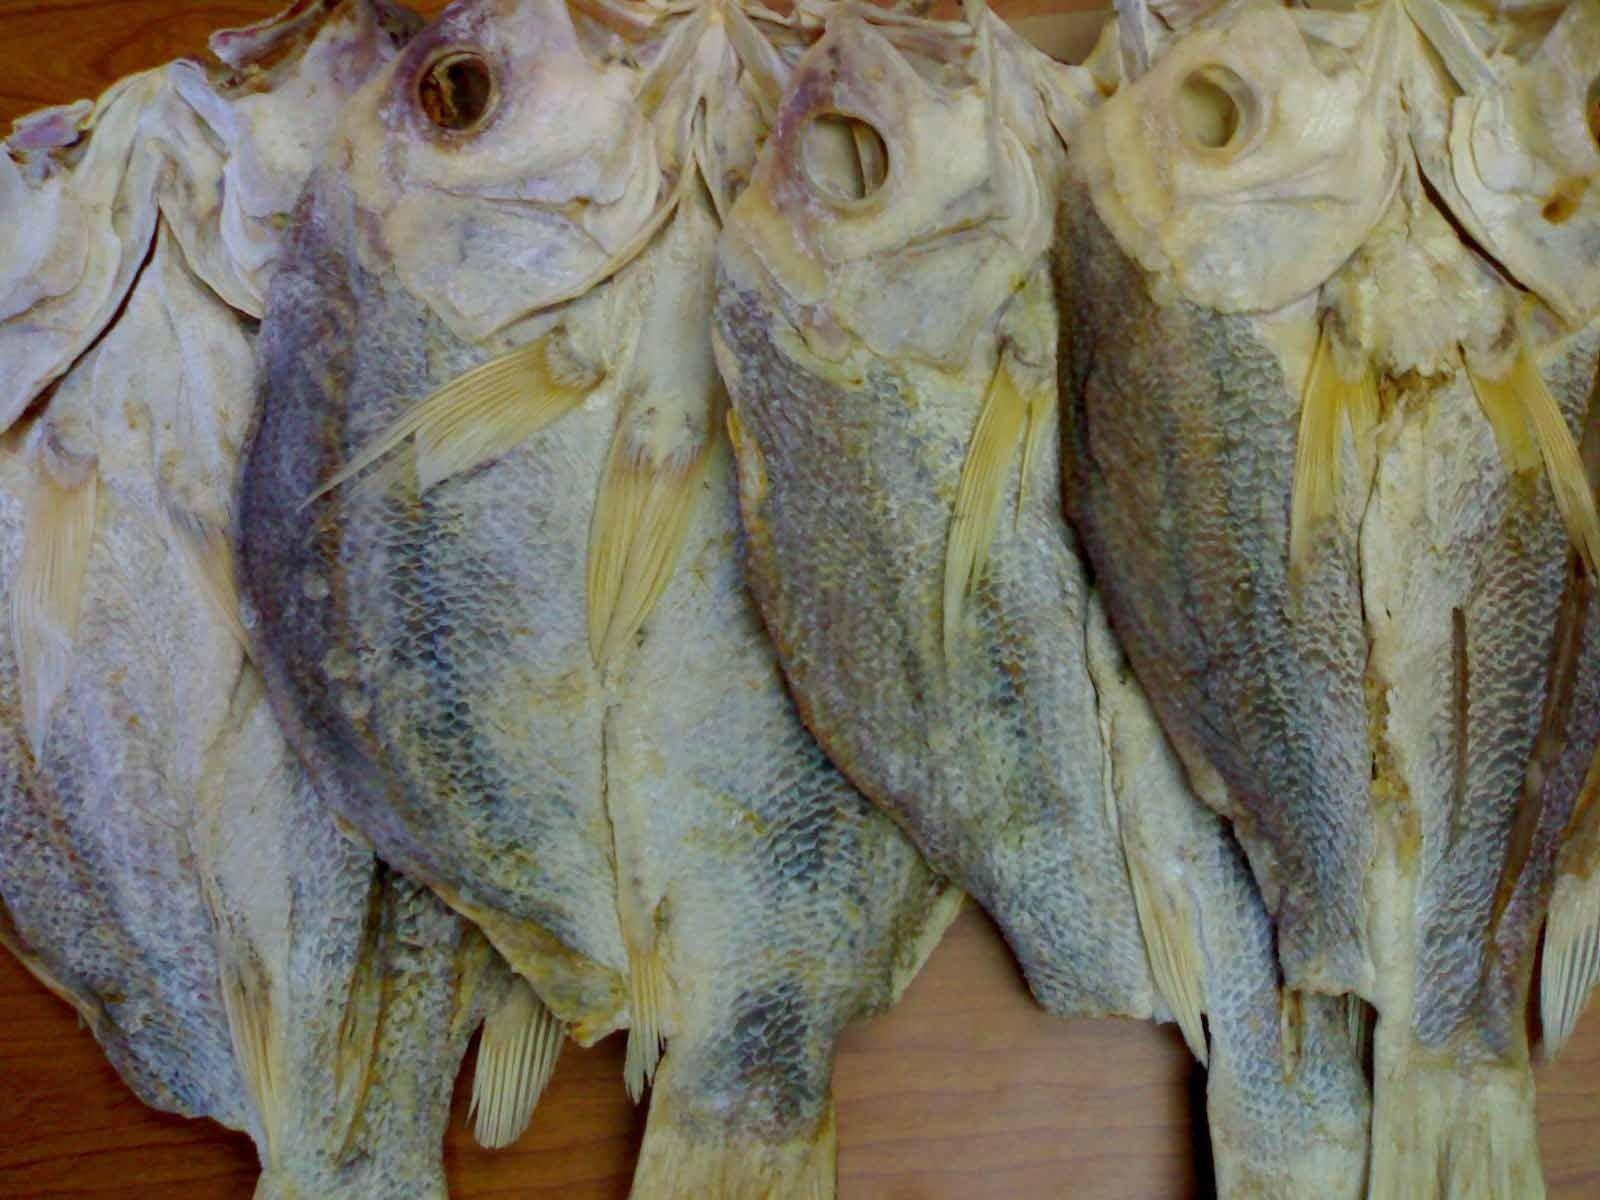 Ikan Kering Merah Kakap Kerapu Kuro Tuna Mata Besar Dll Buy Ikan Kering Product On Alibaba